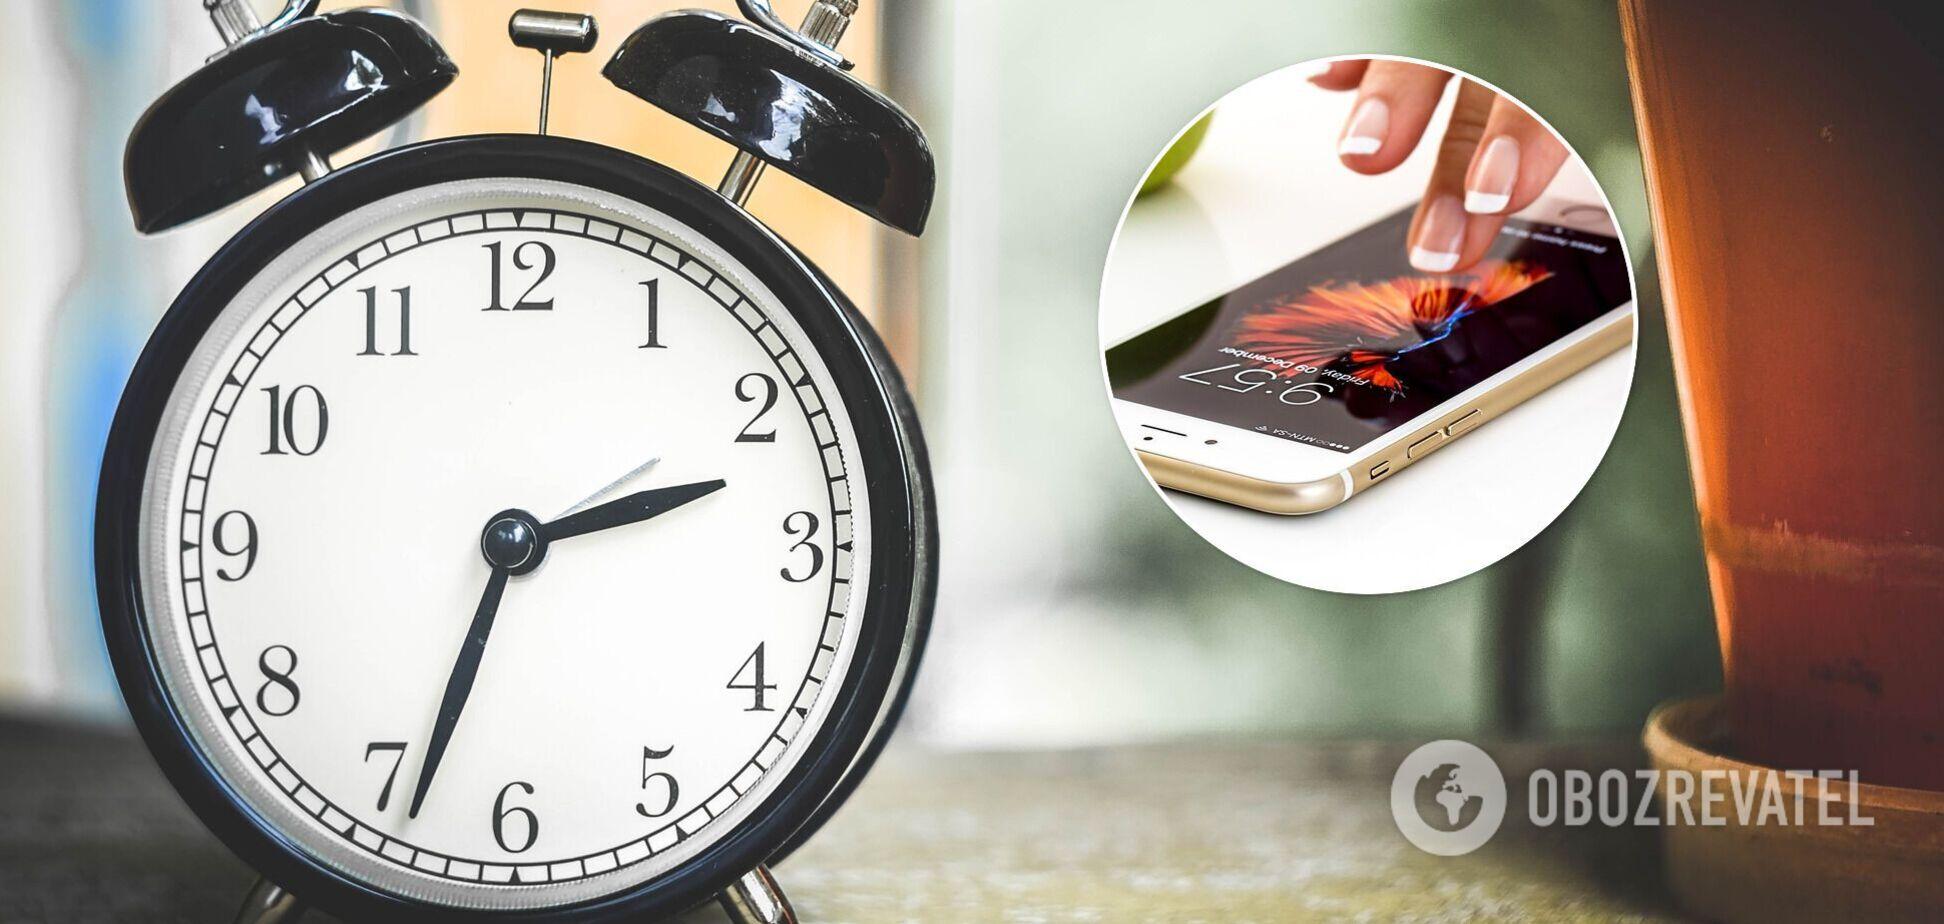 Більшість сучасних гаджетів переходять на новий час автоматично